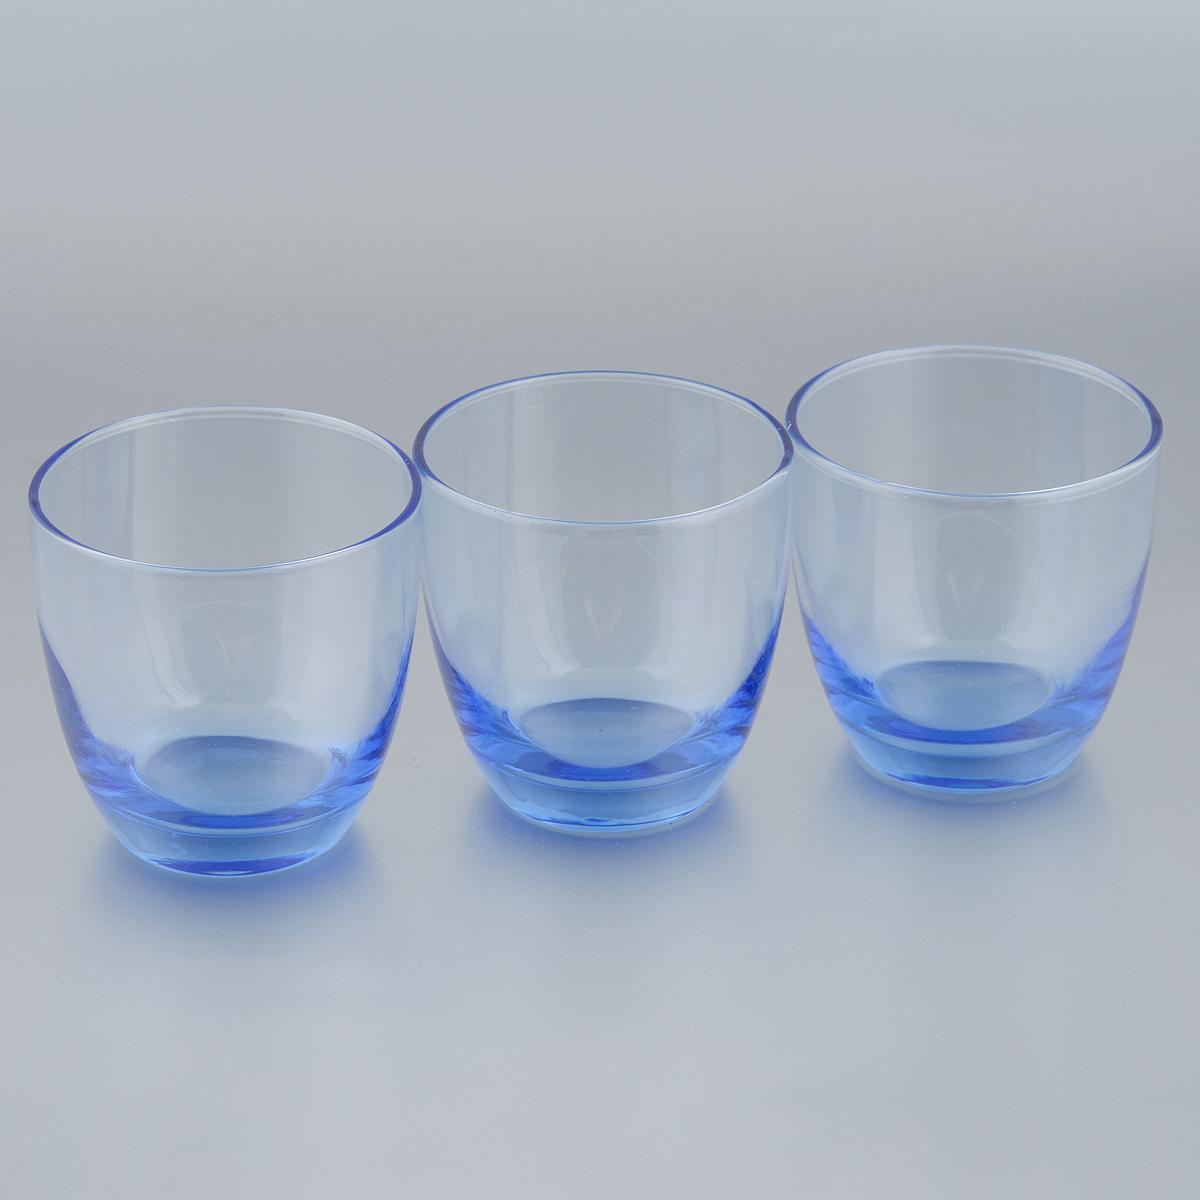 Набор стаканов Pasabahce Workshop Light Blue, 370 мл, 3 шт835048Набор Pasabahce Workshop Light Blue состоит из трех стаканов, выполненных из прочного натрий-кальций-силикатного стекла. Изделия оснащены утолщенным дном. Набор предназначен для подачи воды, сока и других напитков. Стаканы сочетают в себе элегантный дизайн и функциональность. Благодаря такому набору пить напитки будет еще вкуснее. Набор стаканов Pasabahce Workshop Light Blue прекрасно оформит праздничный стол и создаст приятную атмосферу за романтическим ужином. Такой набор также станет хорошим подарком к любому случаю. Можно мыть в посудомоечной машине и использовать в микроволновой печи. Диаметр стакана (по верхнему краю): 9 см. Высота стакана: 9 см.